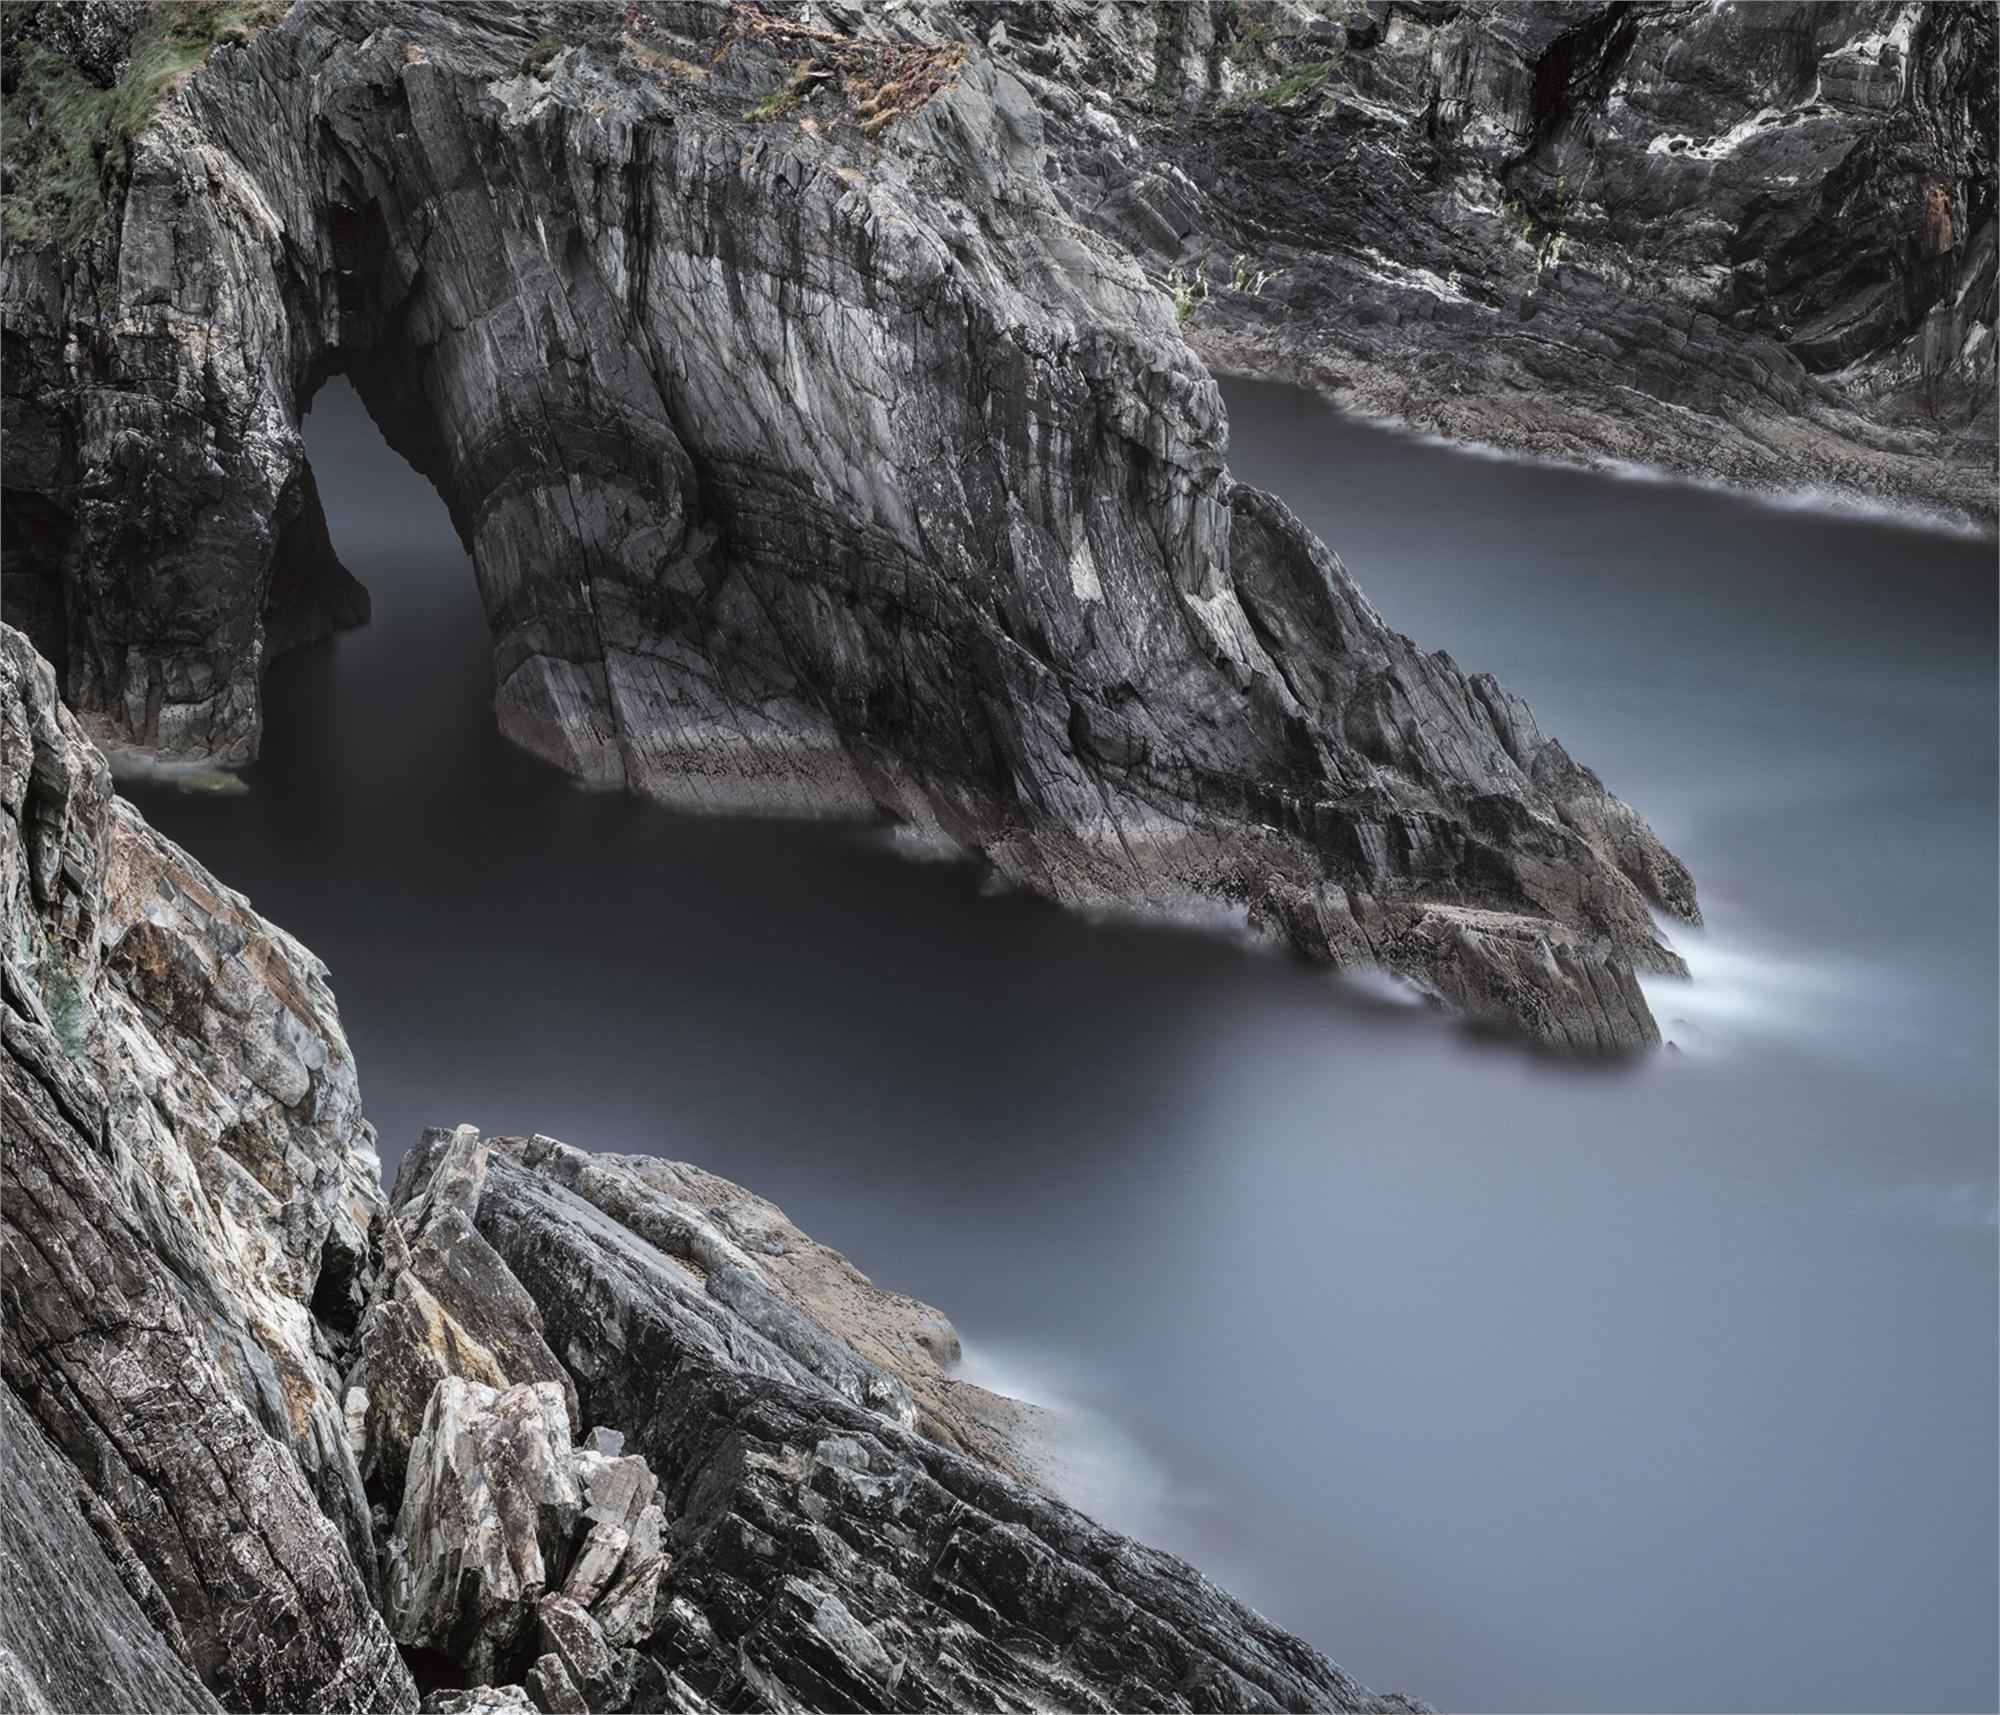 Stratum, Mizen Head, West Coast, Ireland by David Magee